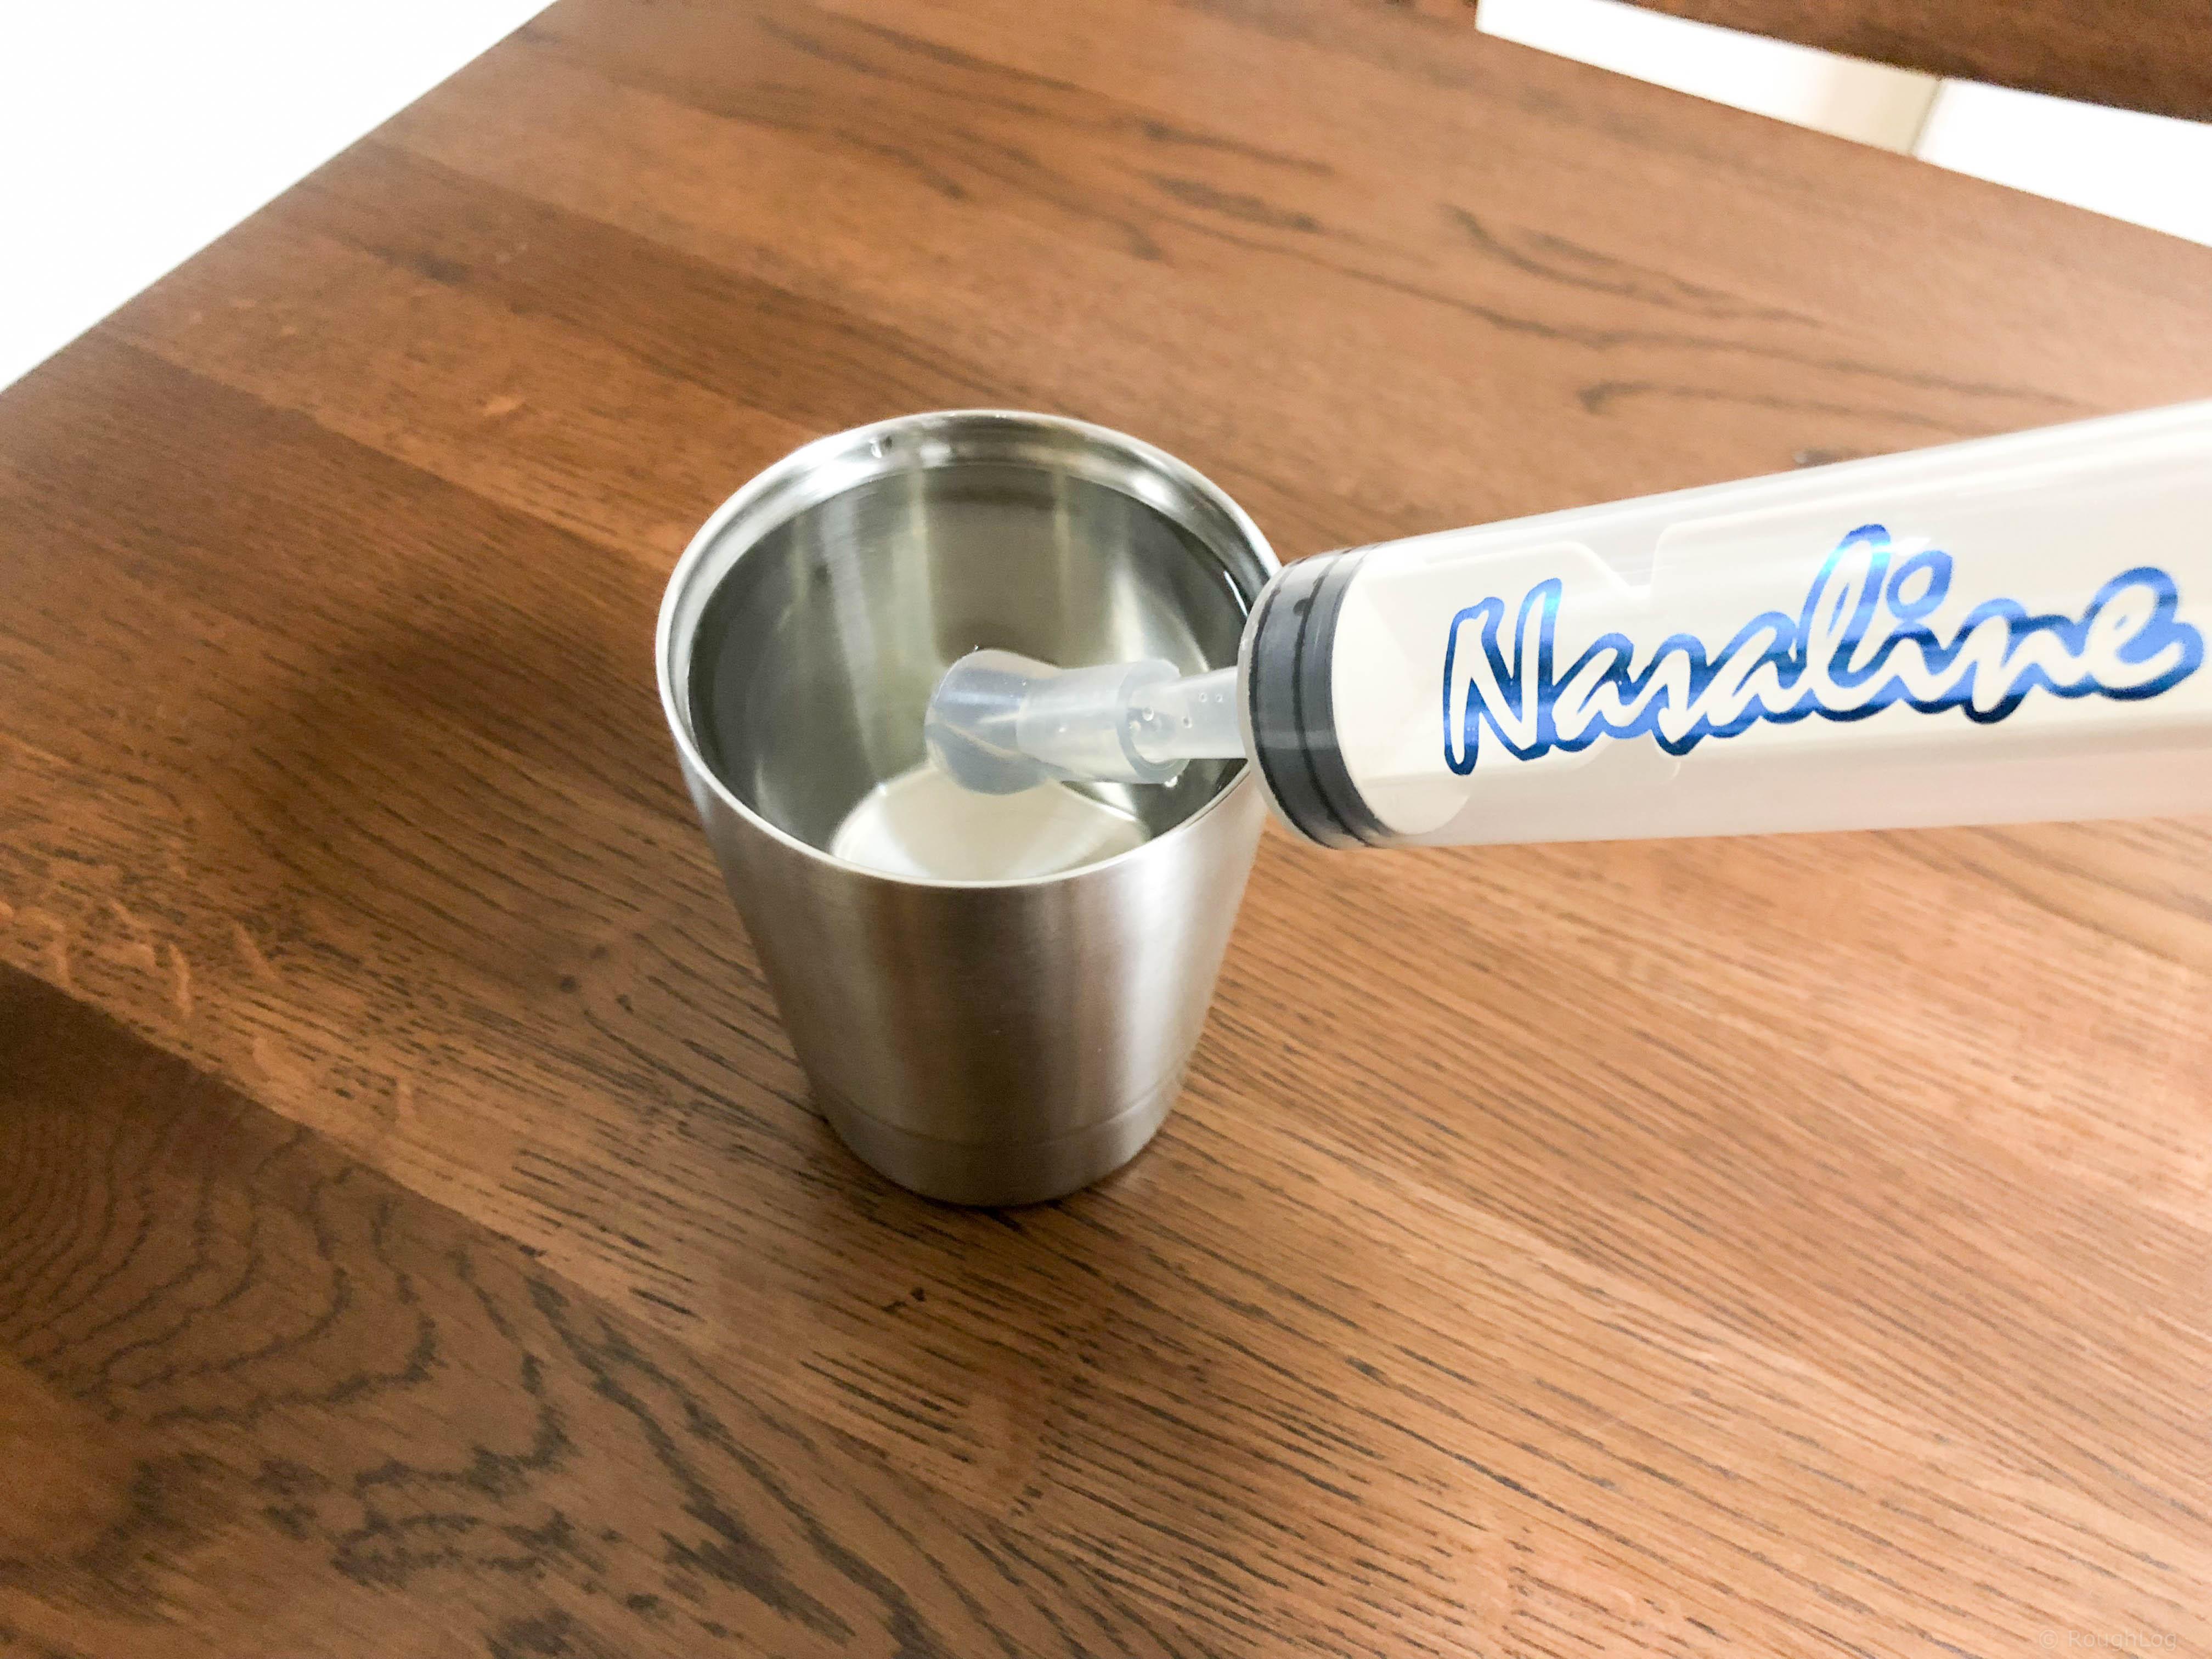 ナサリン鼻洗浄器で鼻うがいする方法